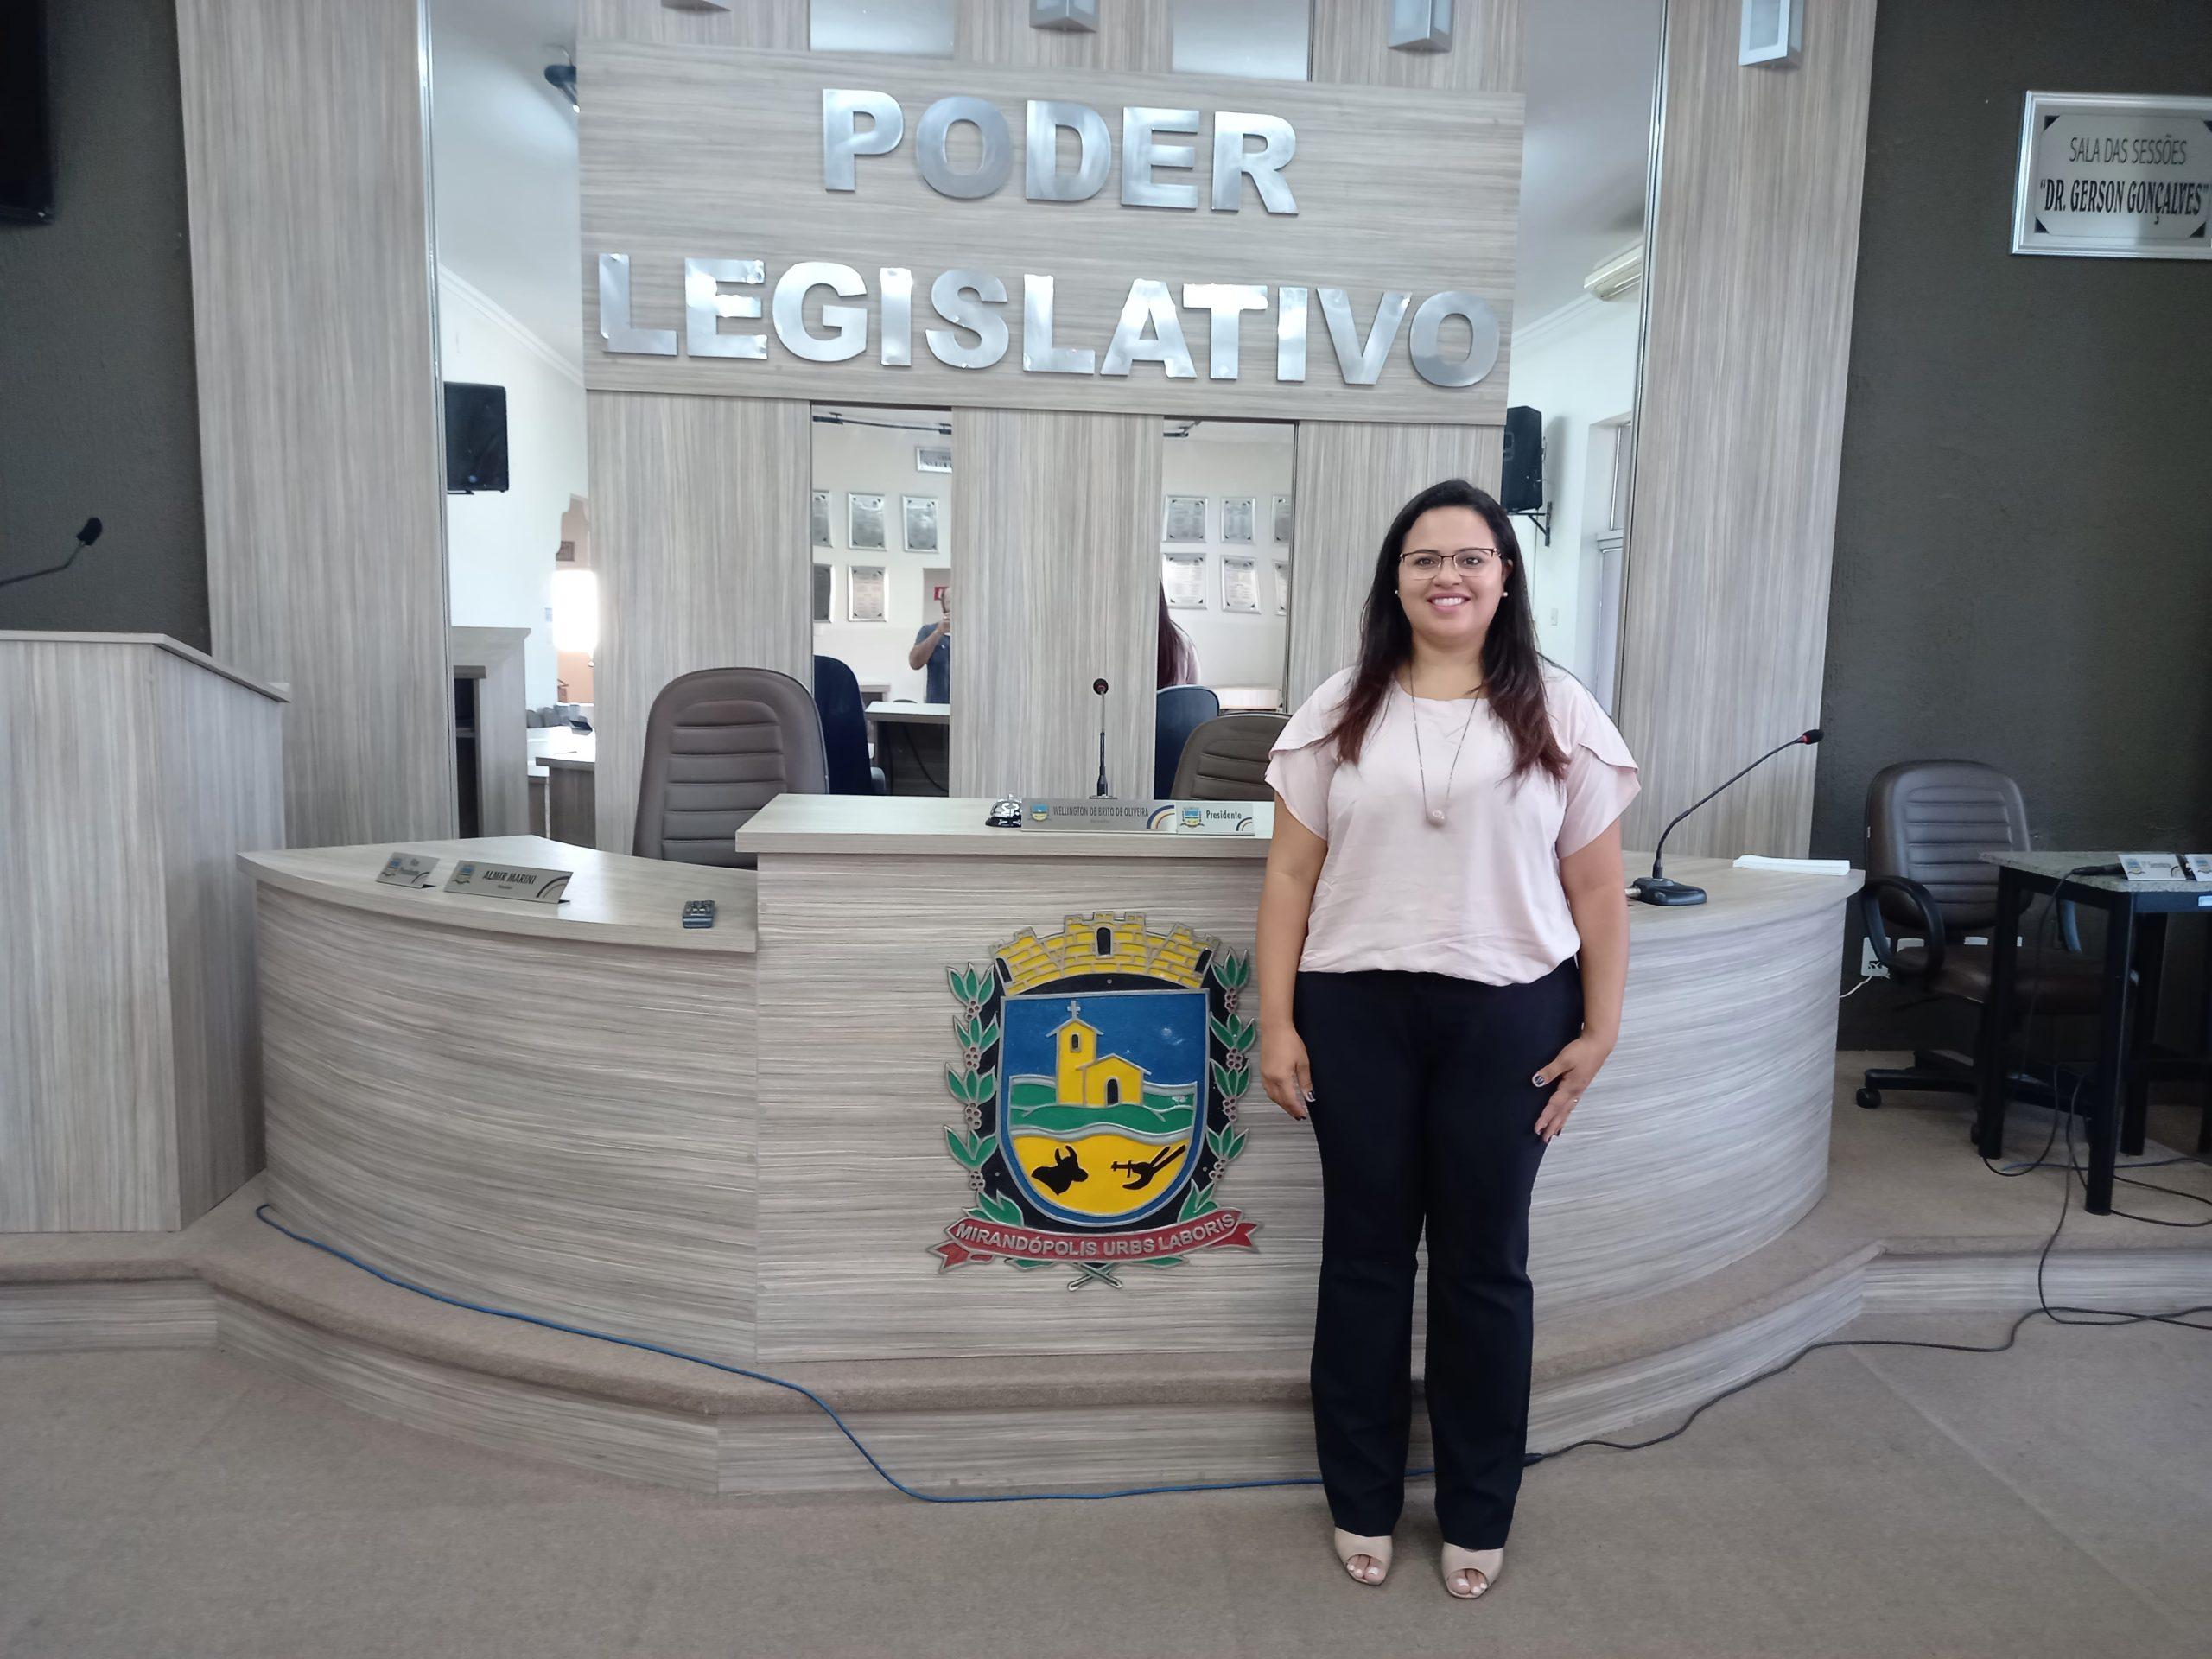 'Focar na efetivação das políticas públicas vai ser o caminho do desenvolvimento', diz a vereadora eleita Monica Ijichi